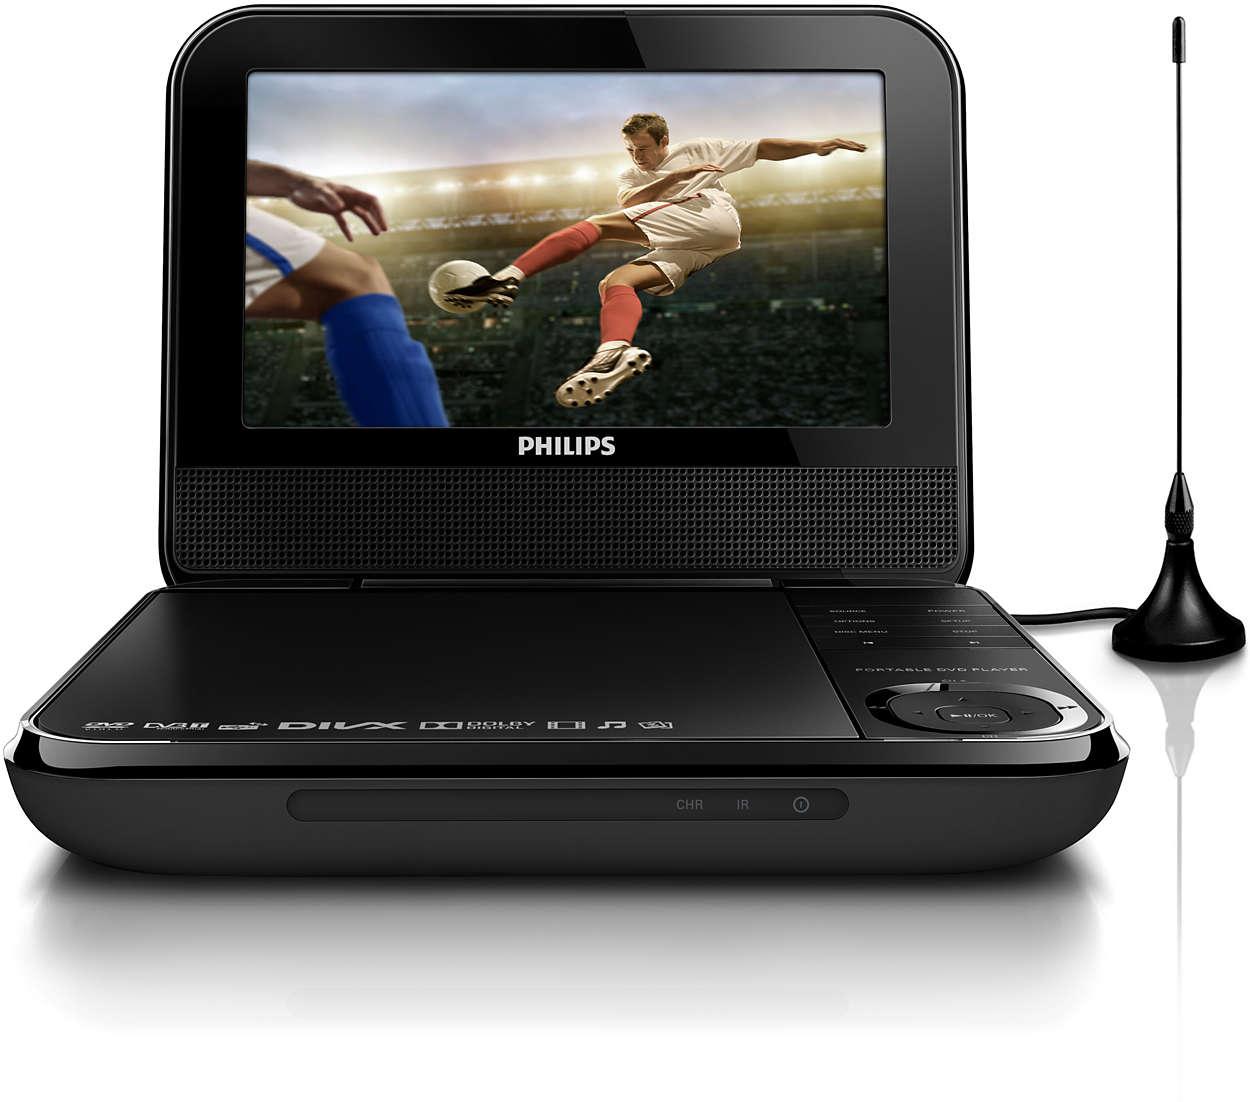 tragbarer dvd player pd7025 12 philips. Black Bedroom Furniture Sets. Home Design Ideas